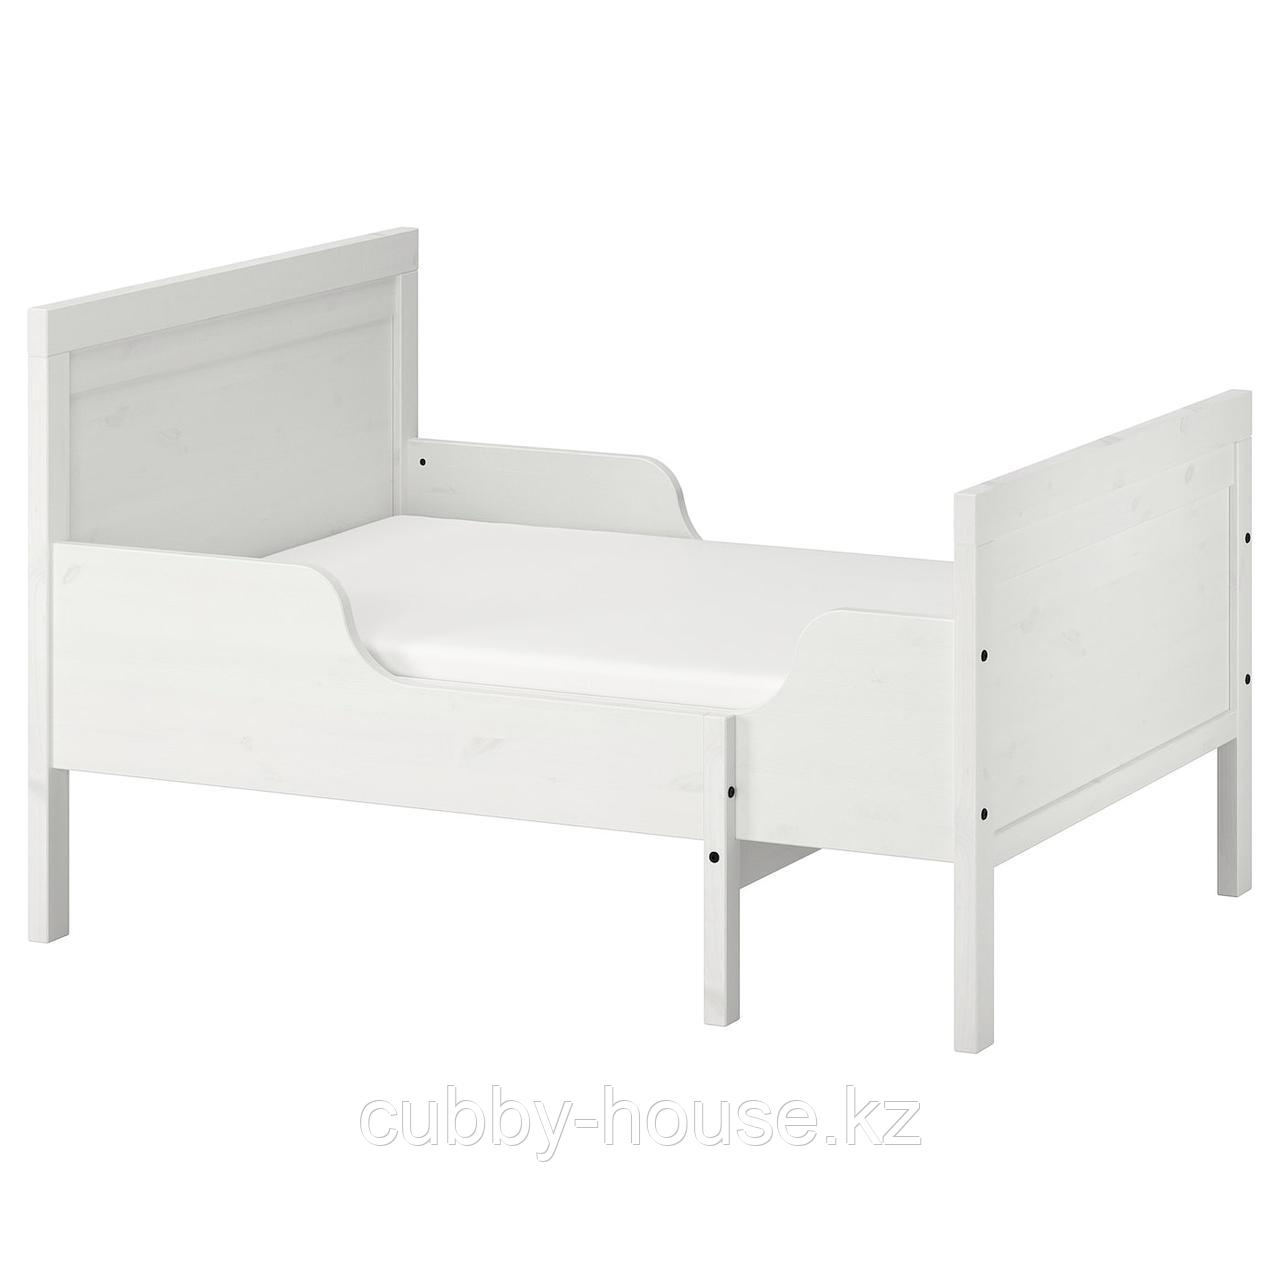 СУНДВИК Раздвижная кровать с реечным дном, белый, 80x200 см